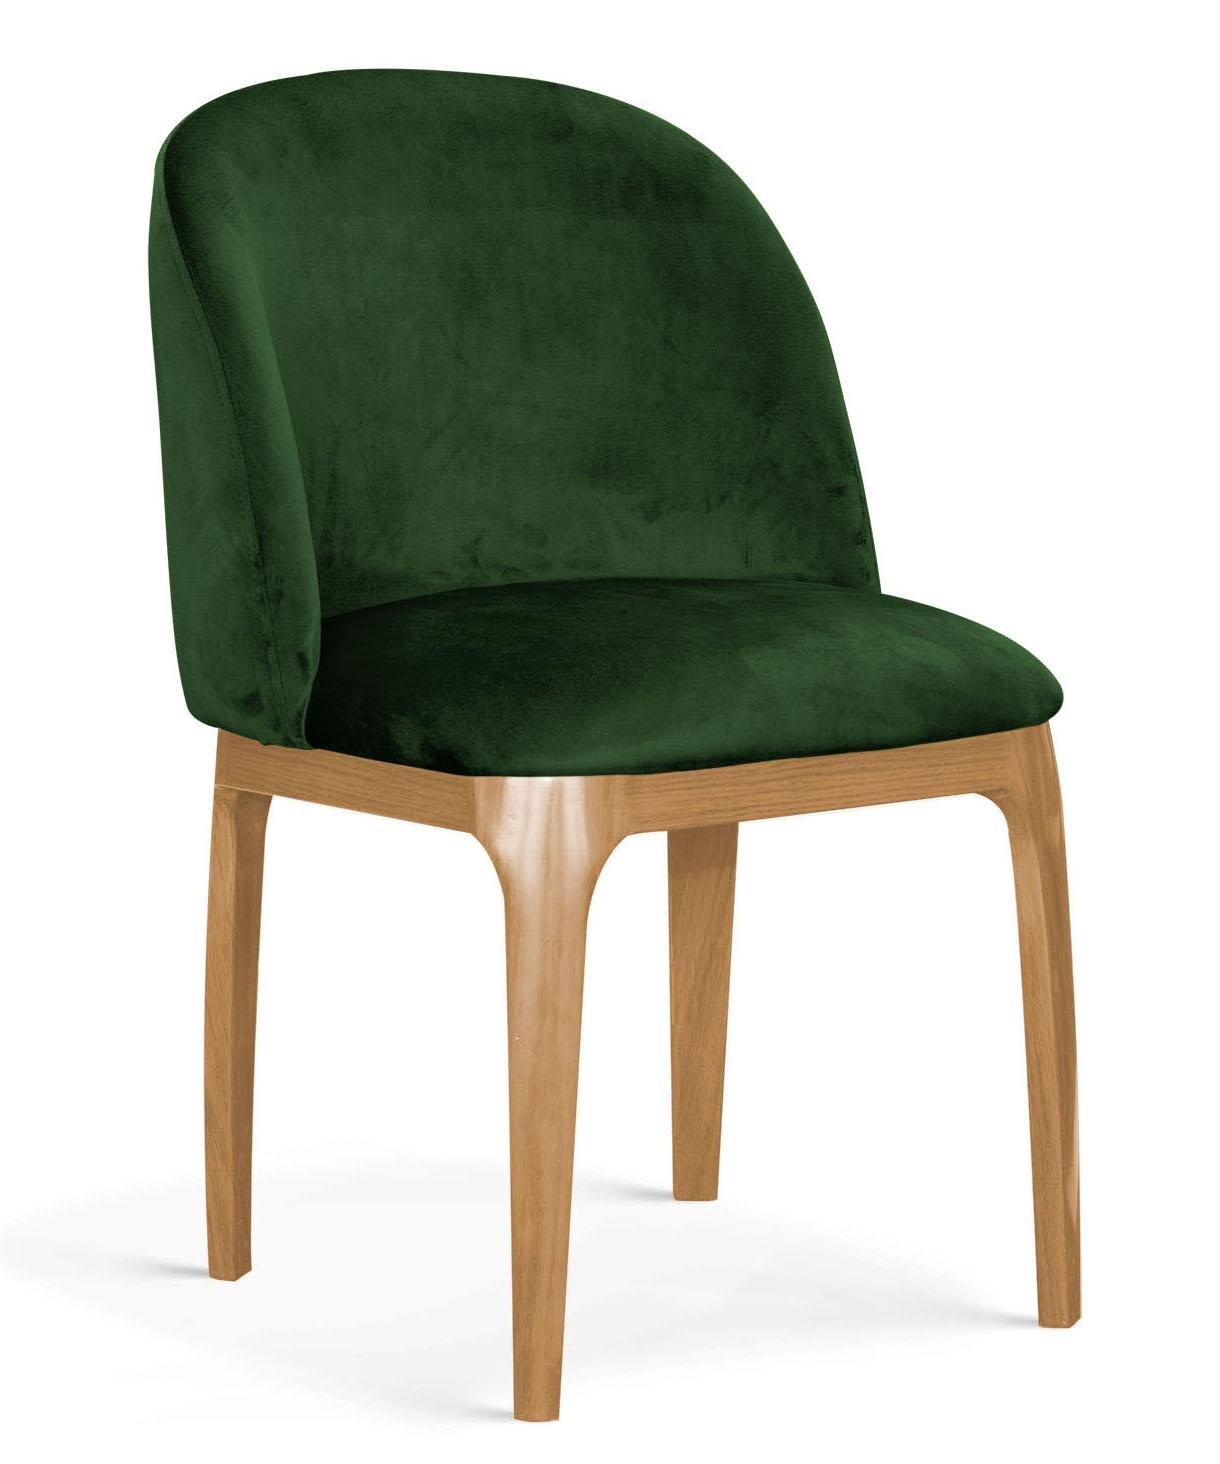 Scaun tapitat cu stofa, cu picioare metalice Grace Verde / Stejar, l53xA56xH83 cm